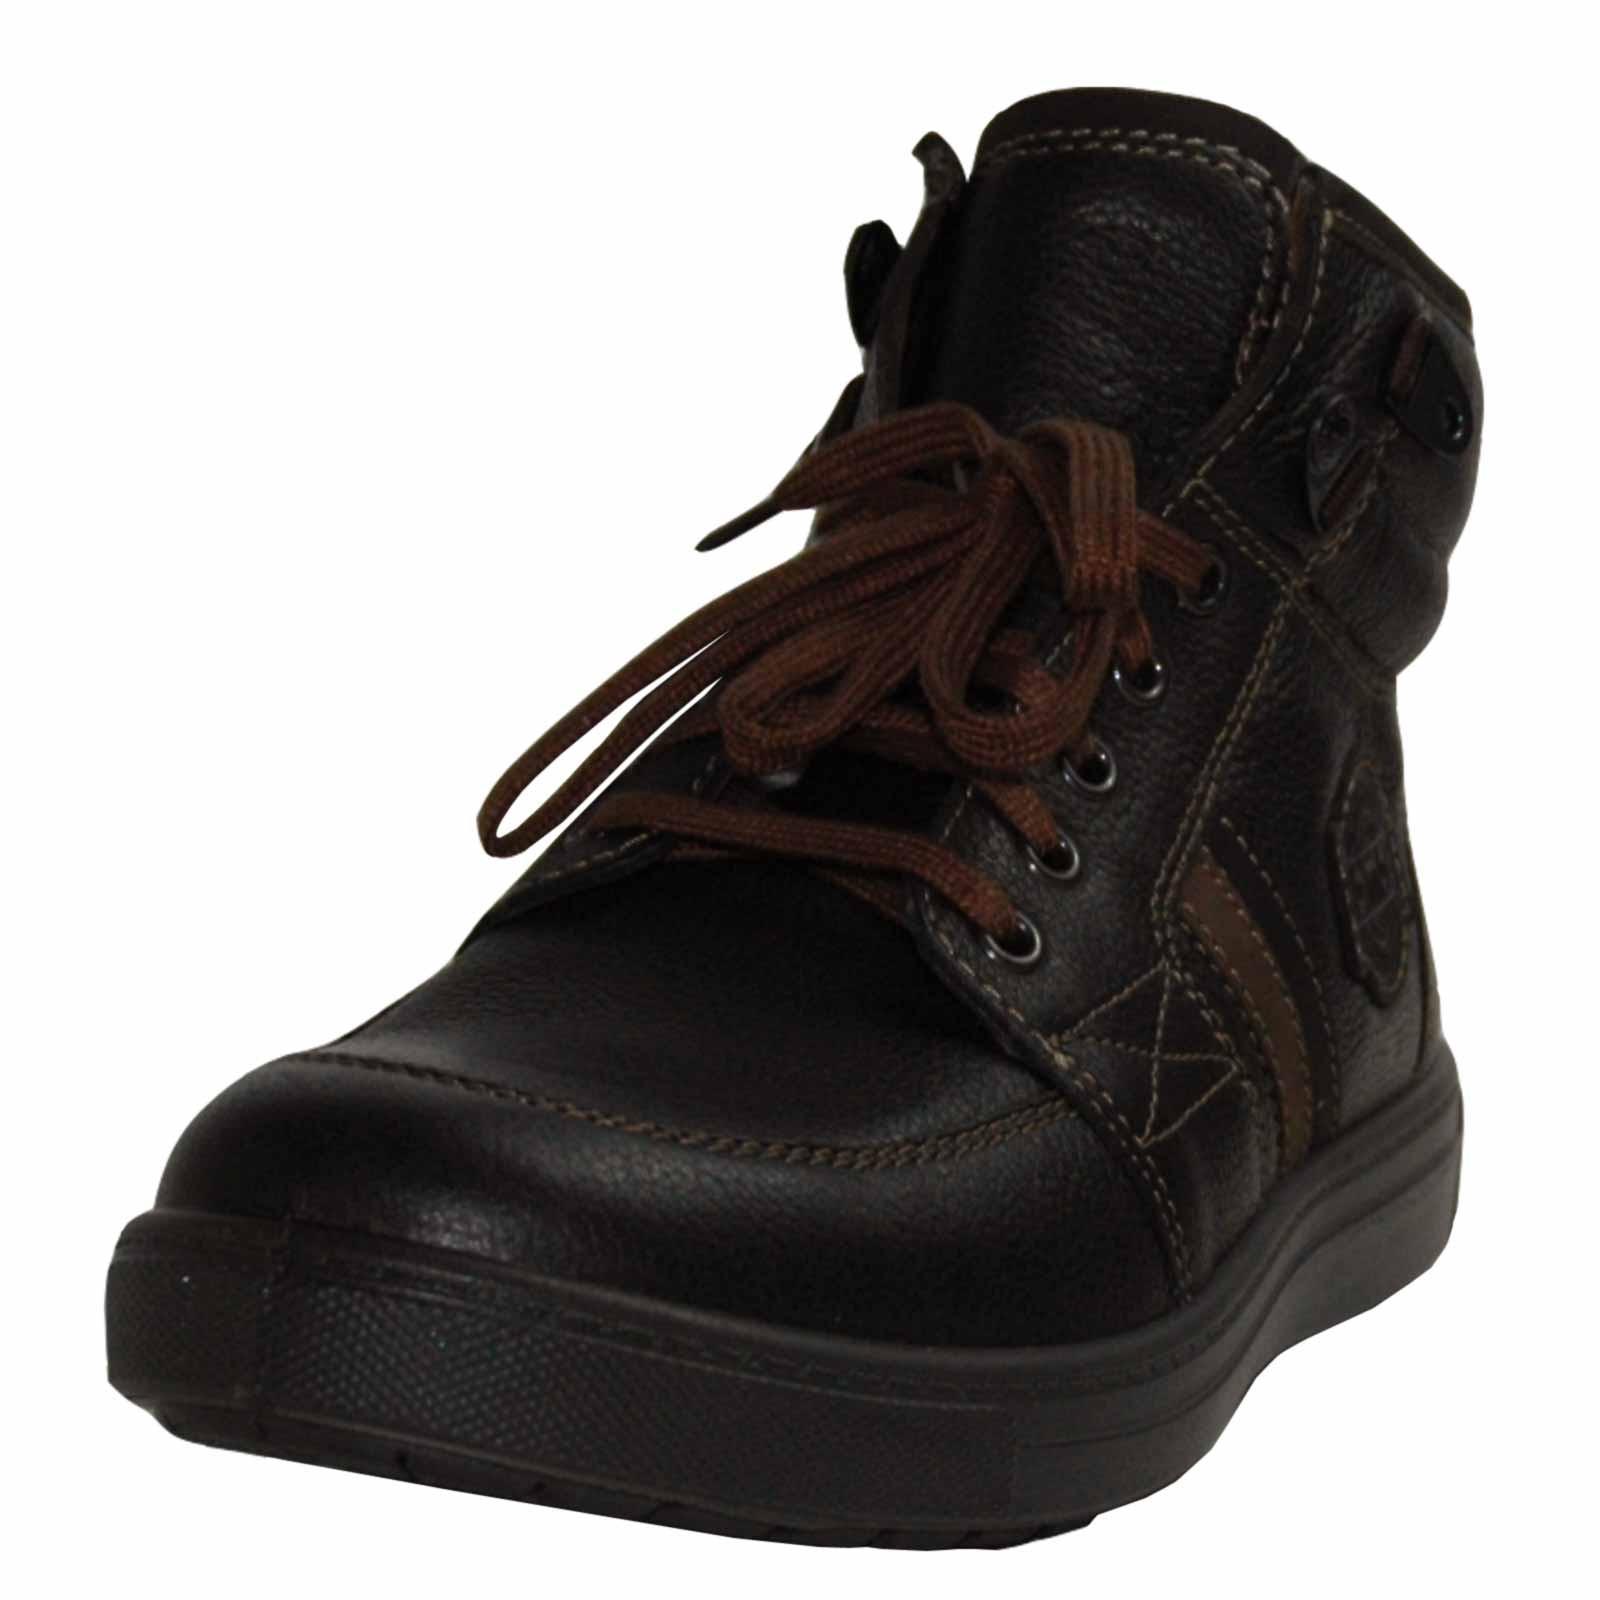 Jomos Herren - Boots RALLYE Choco 3,5cm Absatz